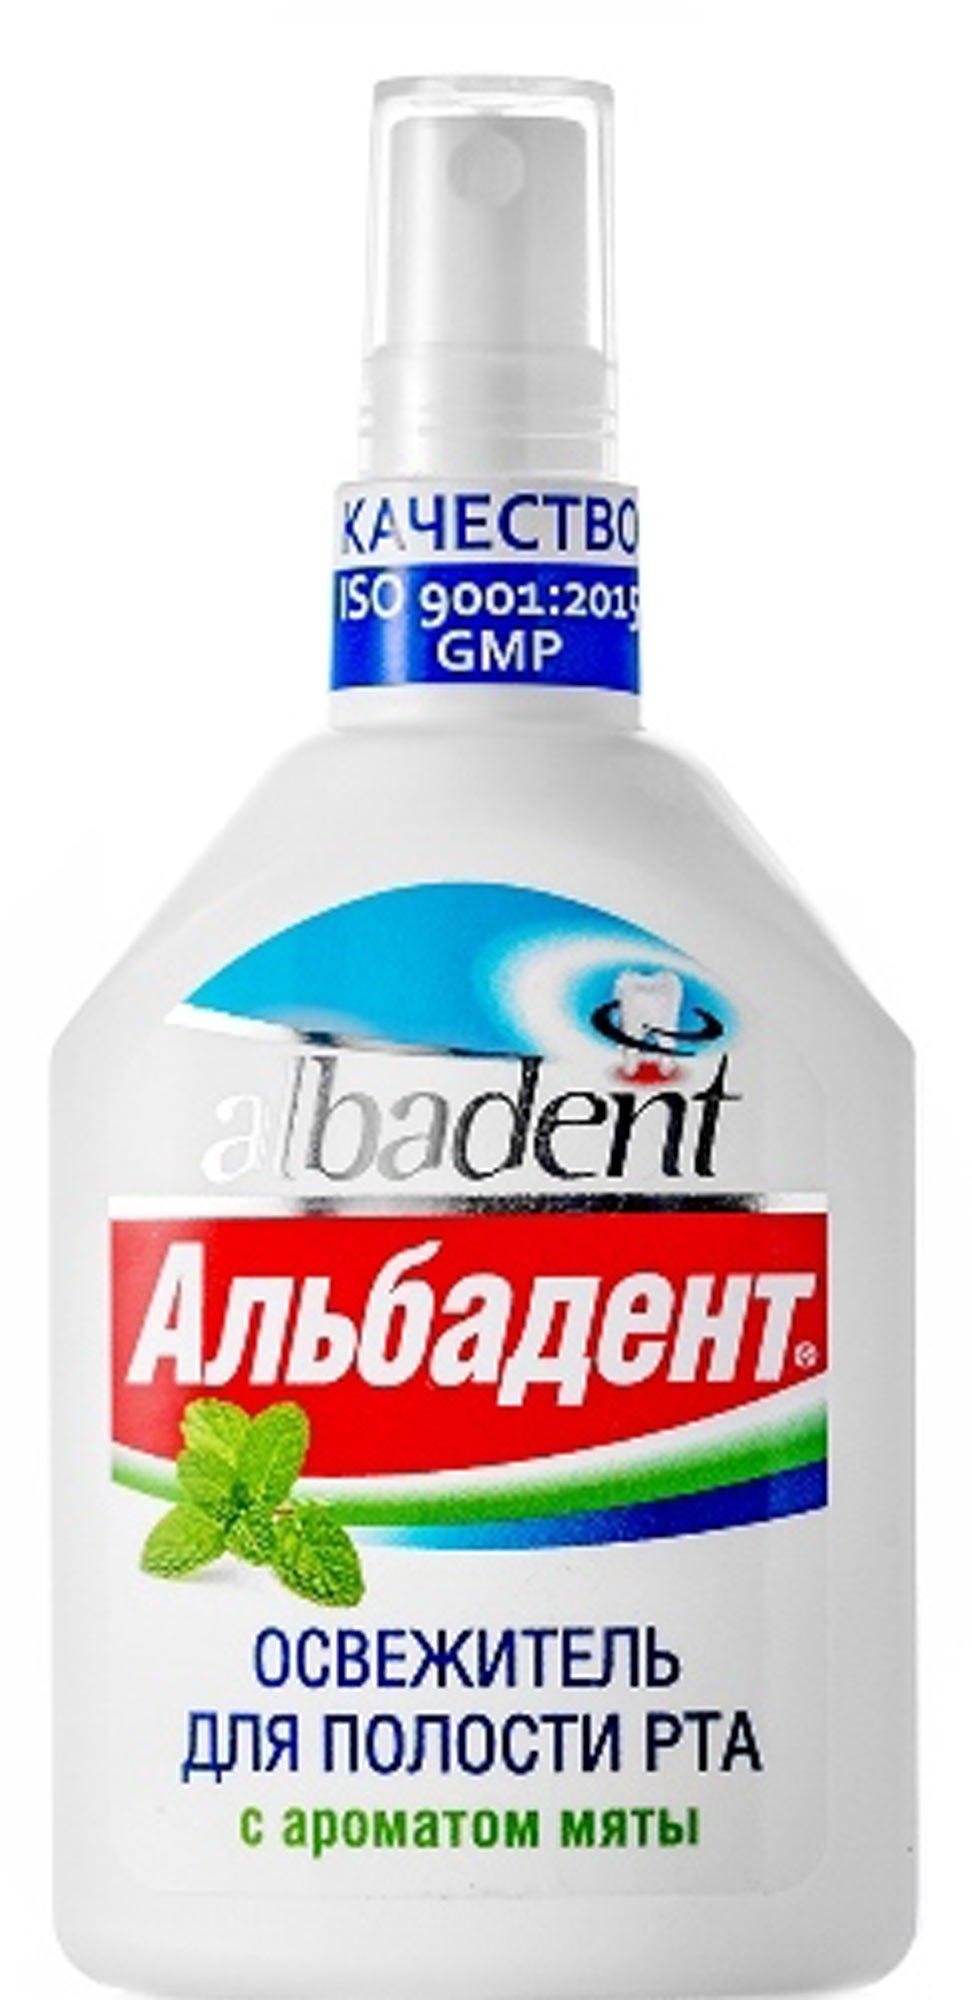 Освежитель полости рта Альбадент 35 мл Мята